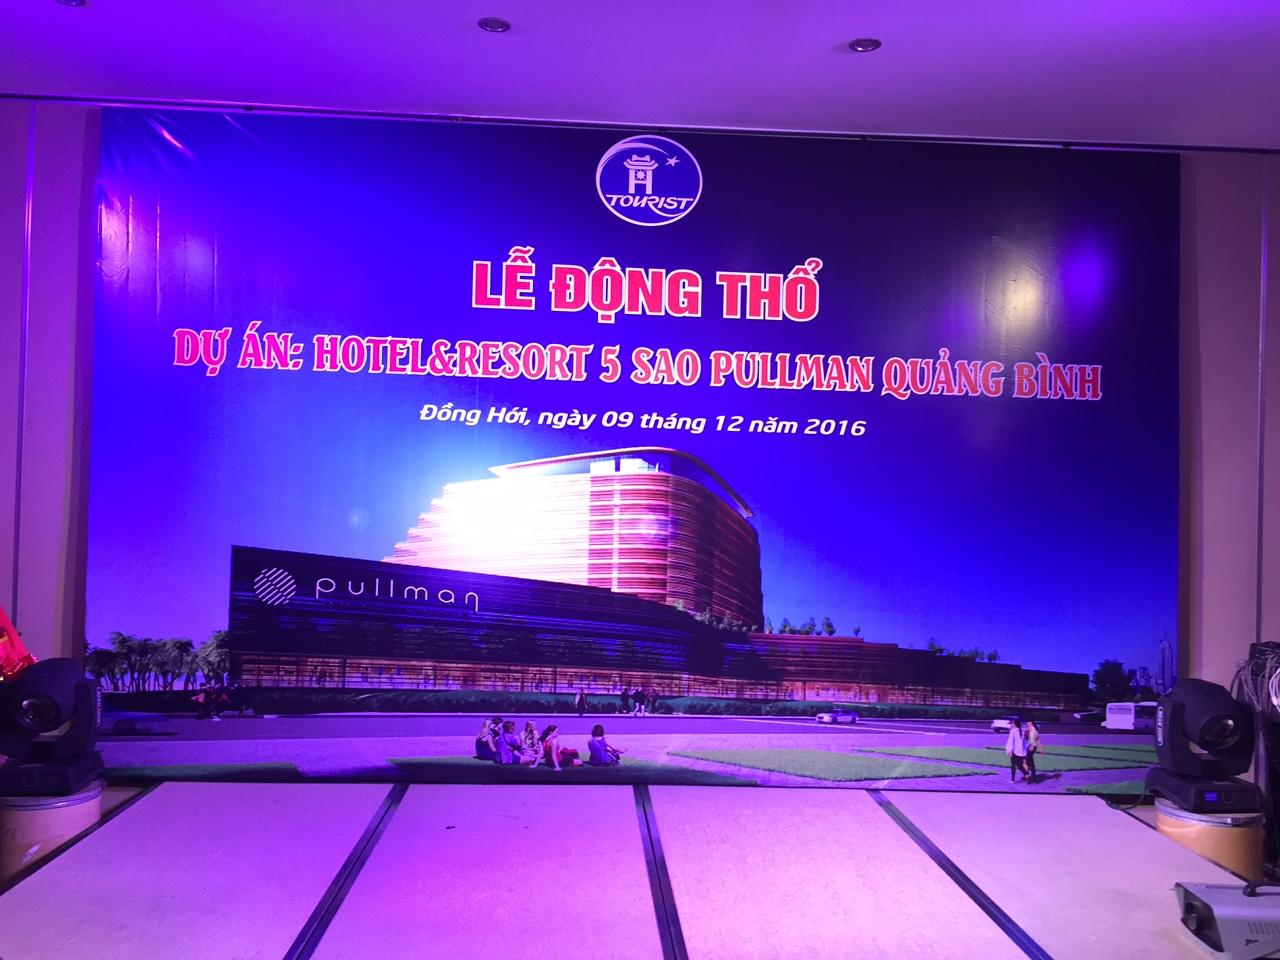 Hanoitourist tổ chức Lễ động thổ Dự án Khách sạn 5 sao Pullman tại Quảng Bình